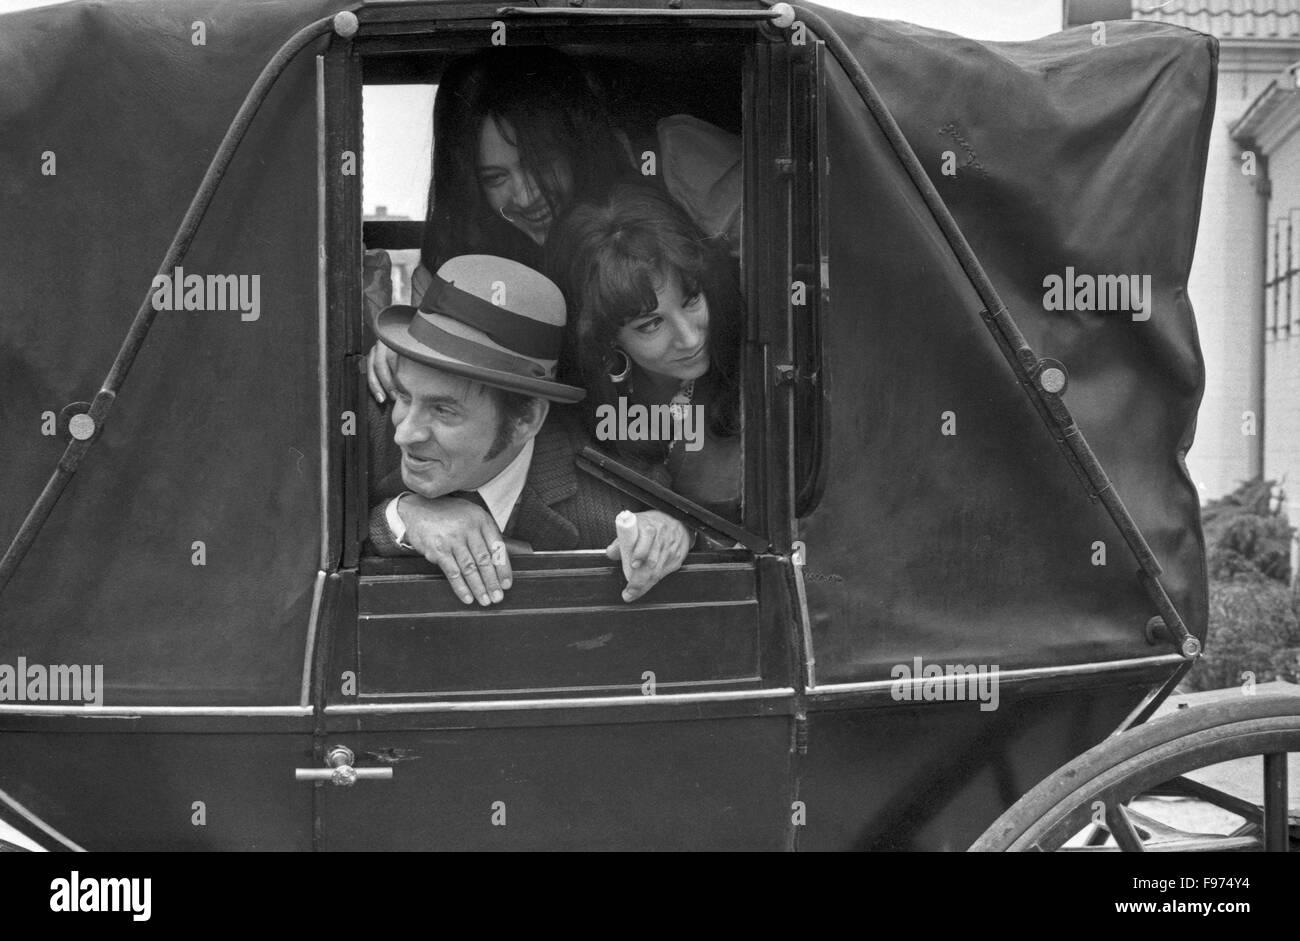 Der ewige Gatte, Fernsehfilm, Deutschland 1969, Regie: Stanislav Barabas, Darsteller: Günter Mack - Stock Image